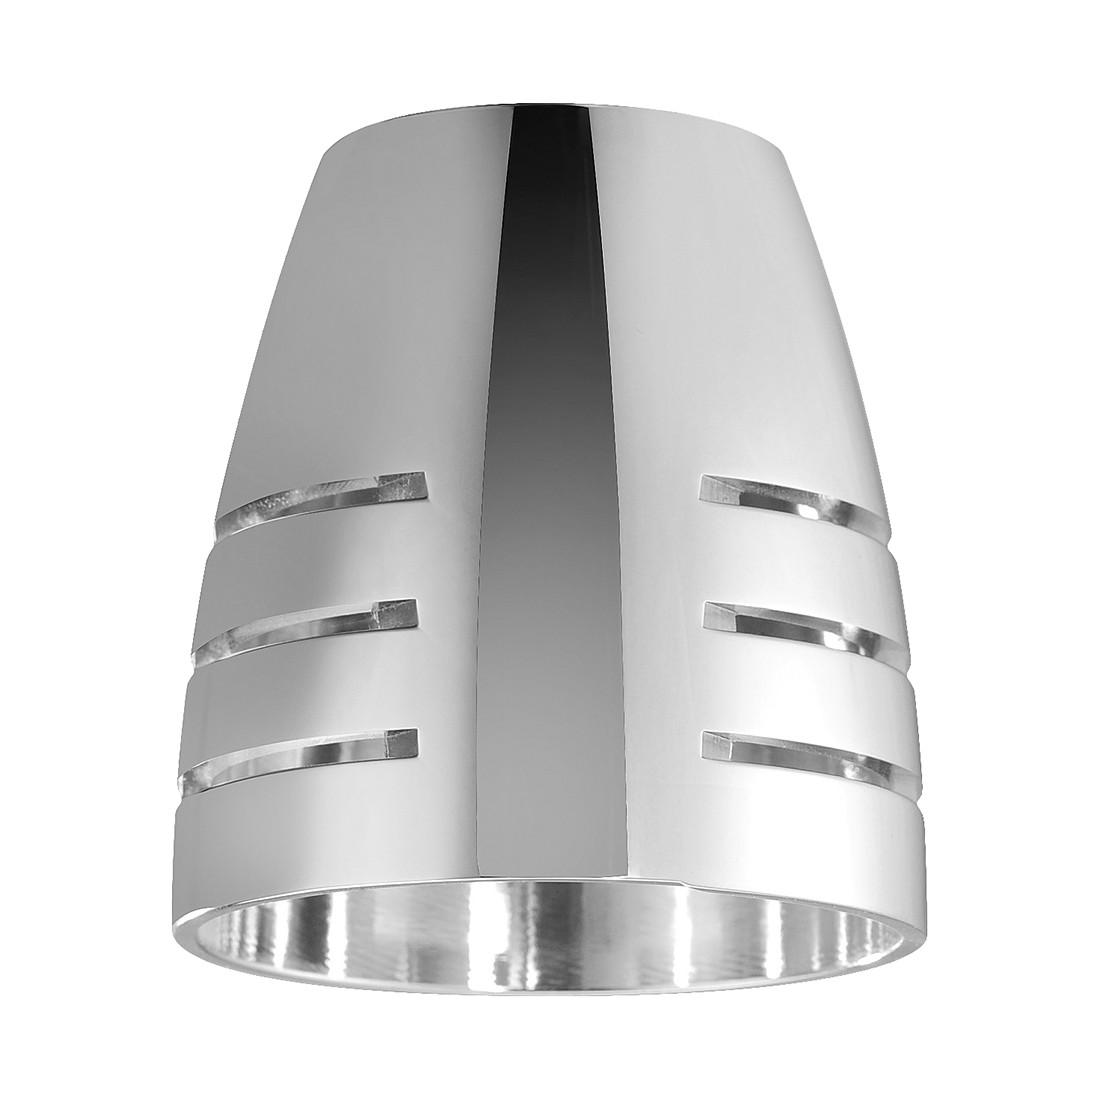 Metalen lampenkap M6 licht/spot18 iII - metaal zilverkleurig, Fischer Leuchten